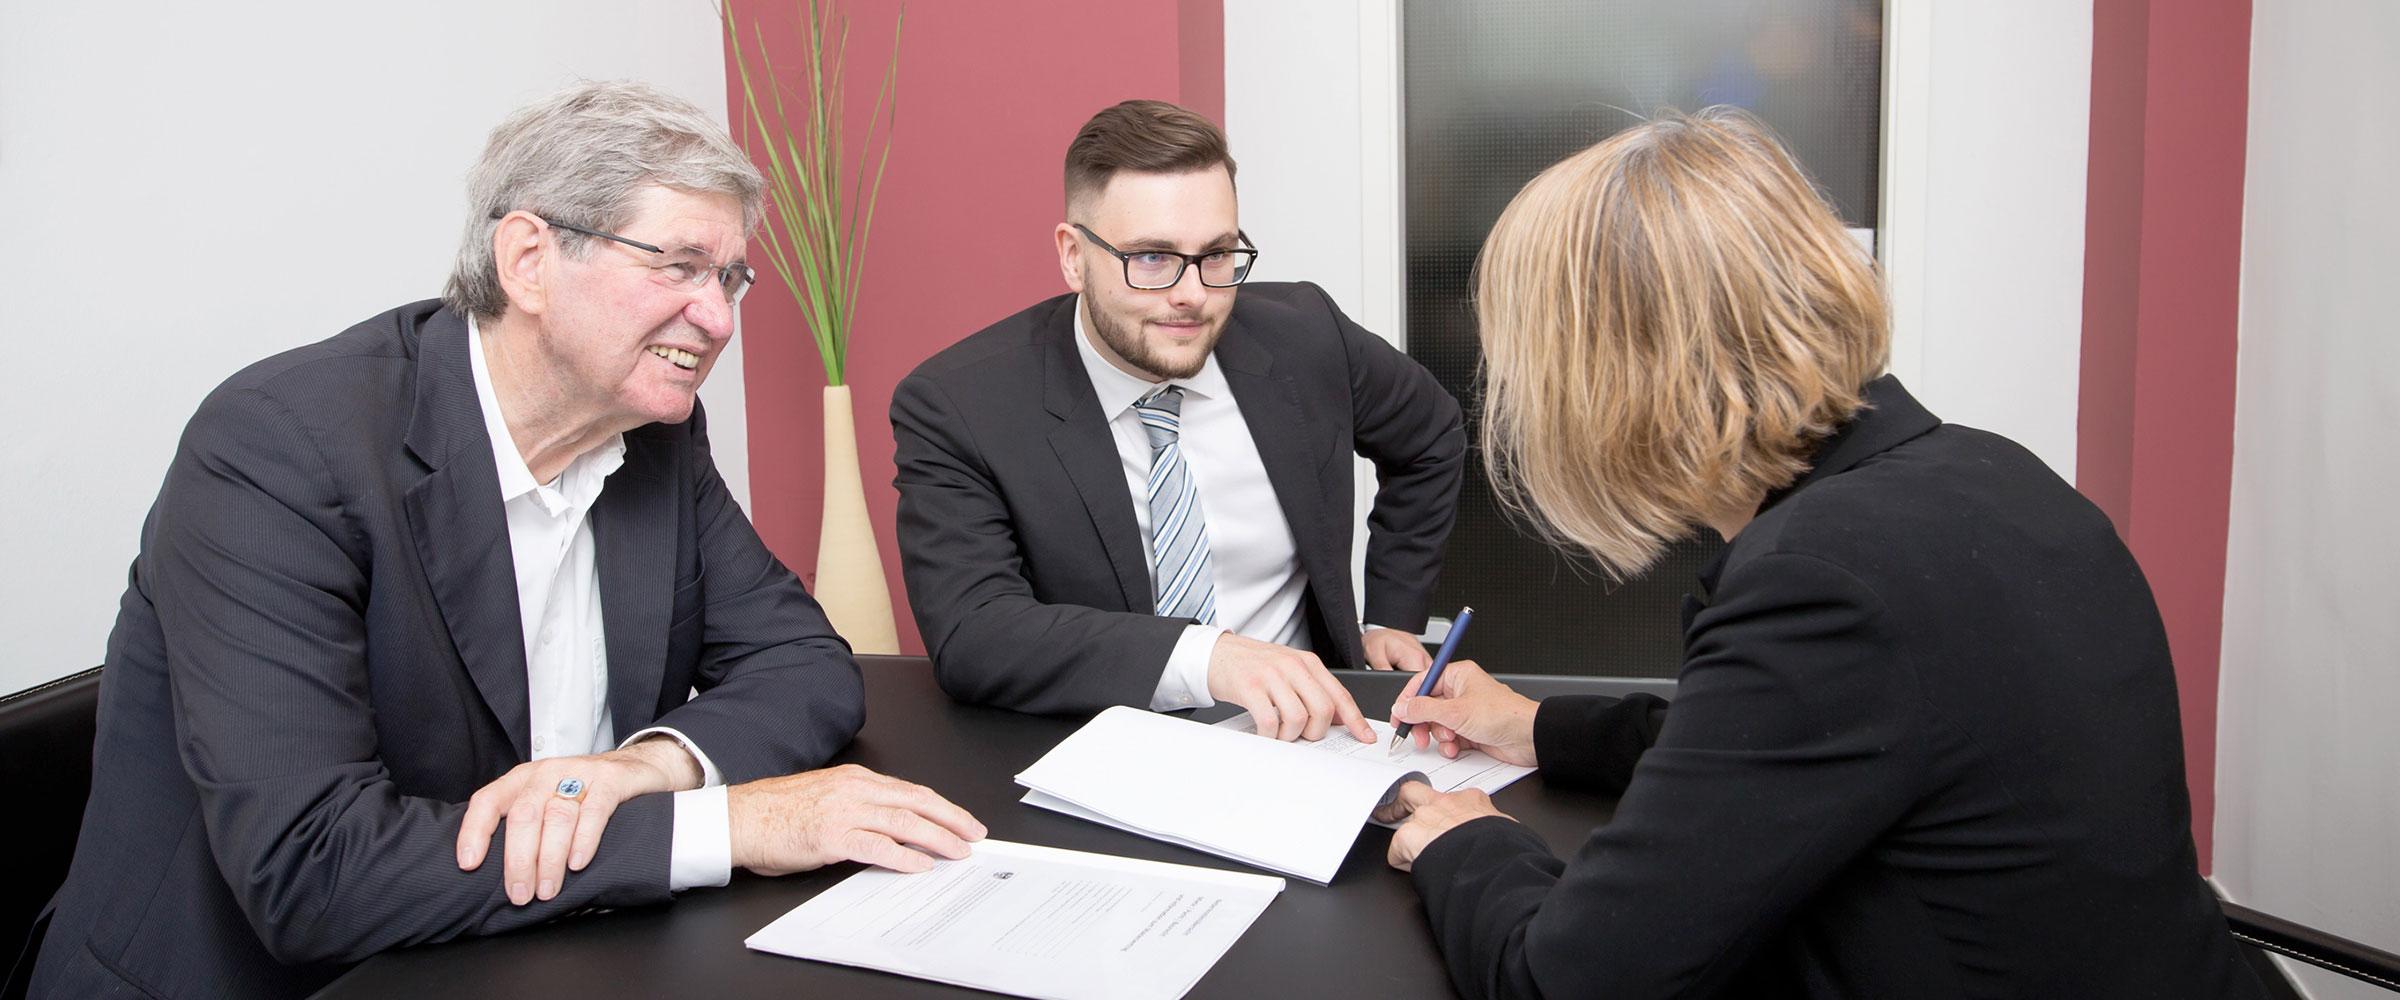 2 Polke und Partner Mitarbeiter sitzen einer Kundin gegenüber, die soeben Verkaufspapiere unterzeichnet.